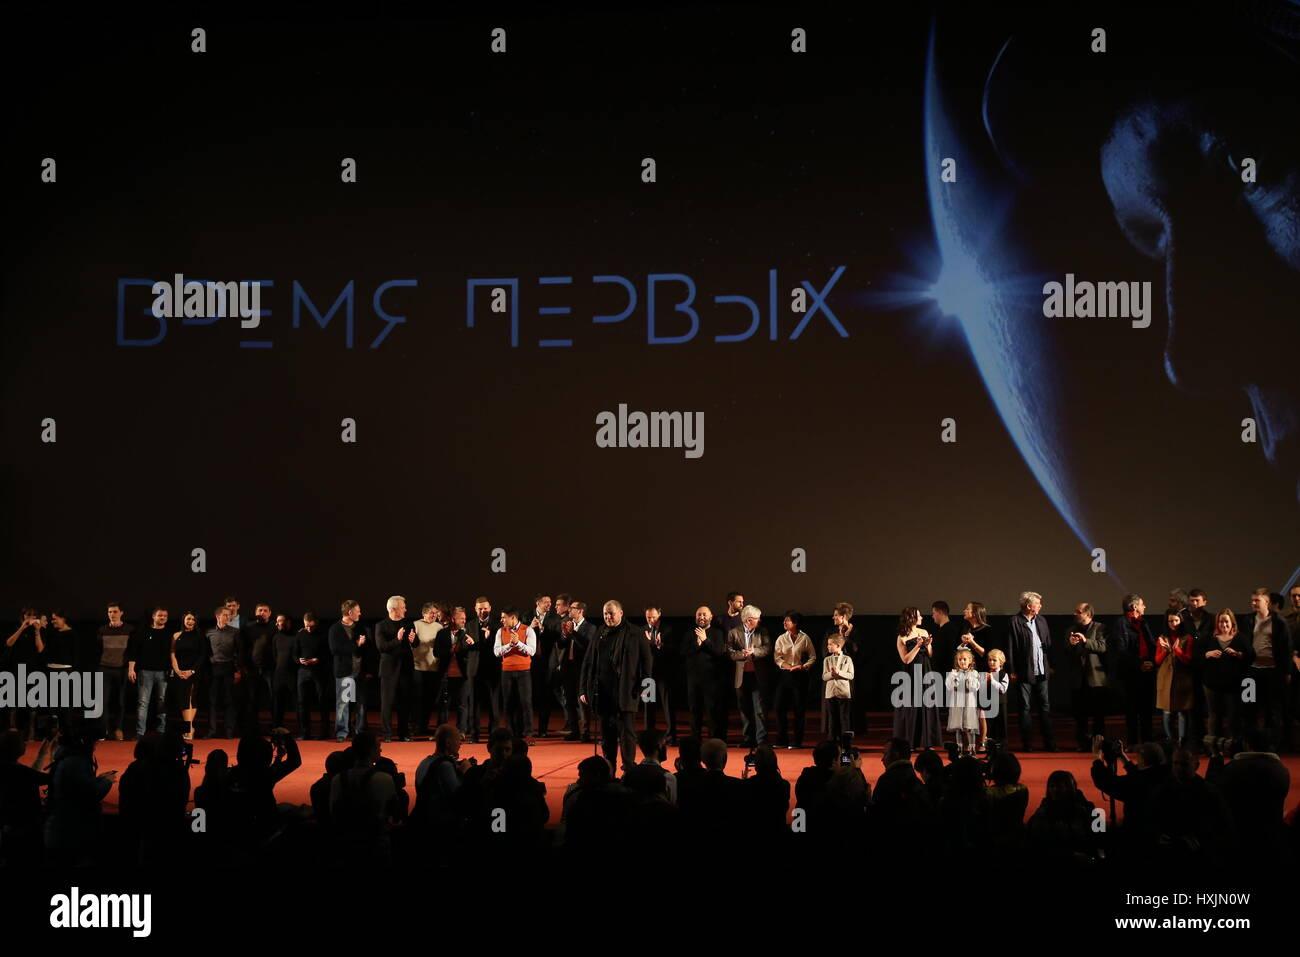 Moscú, Rusia. 29 Mar, 2017. El estreno de Moscú el director de cine ruso Dmitriy Kiselev la primera vez Imagen De Stock